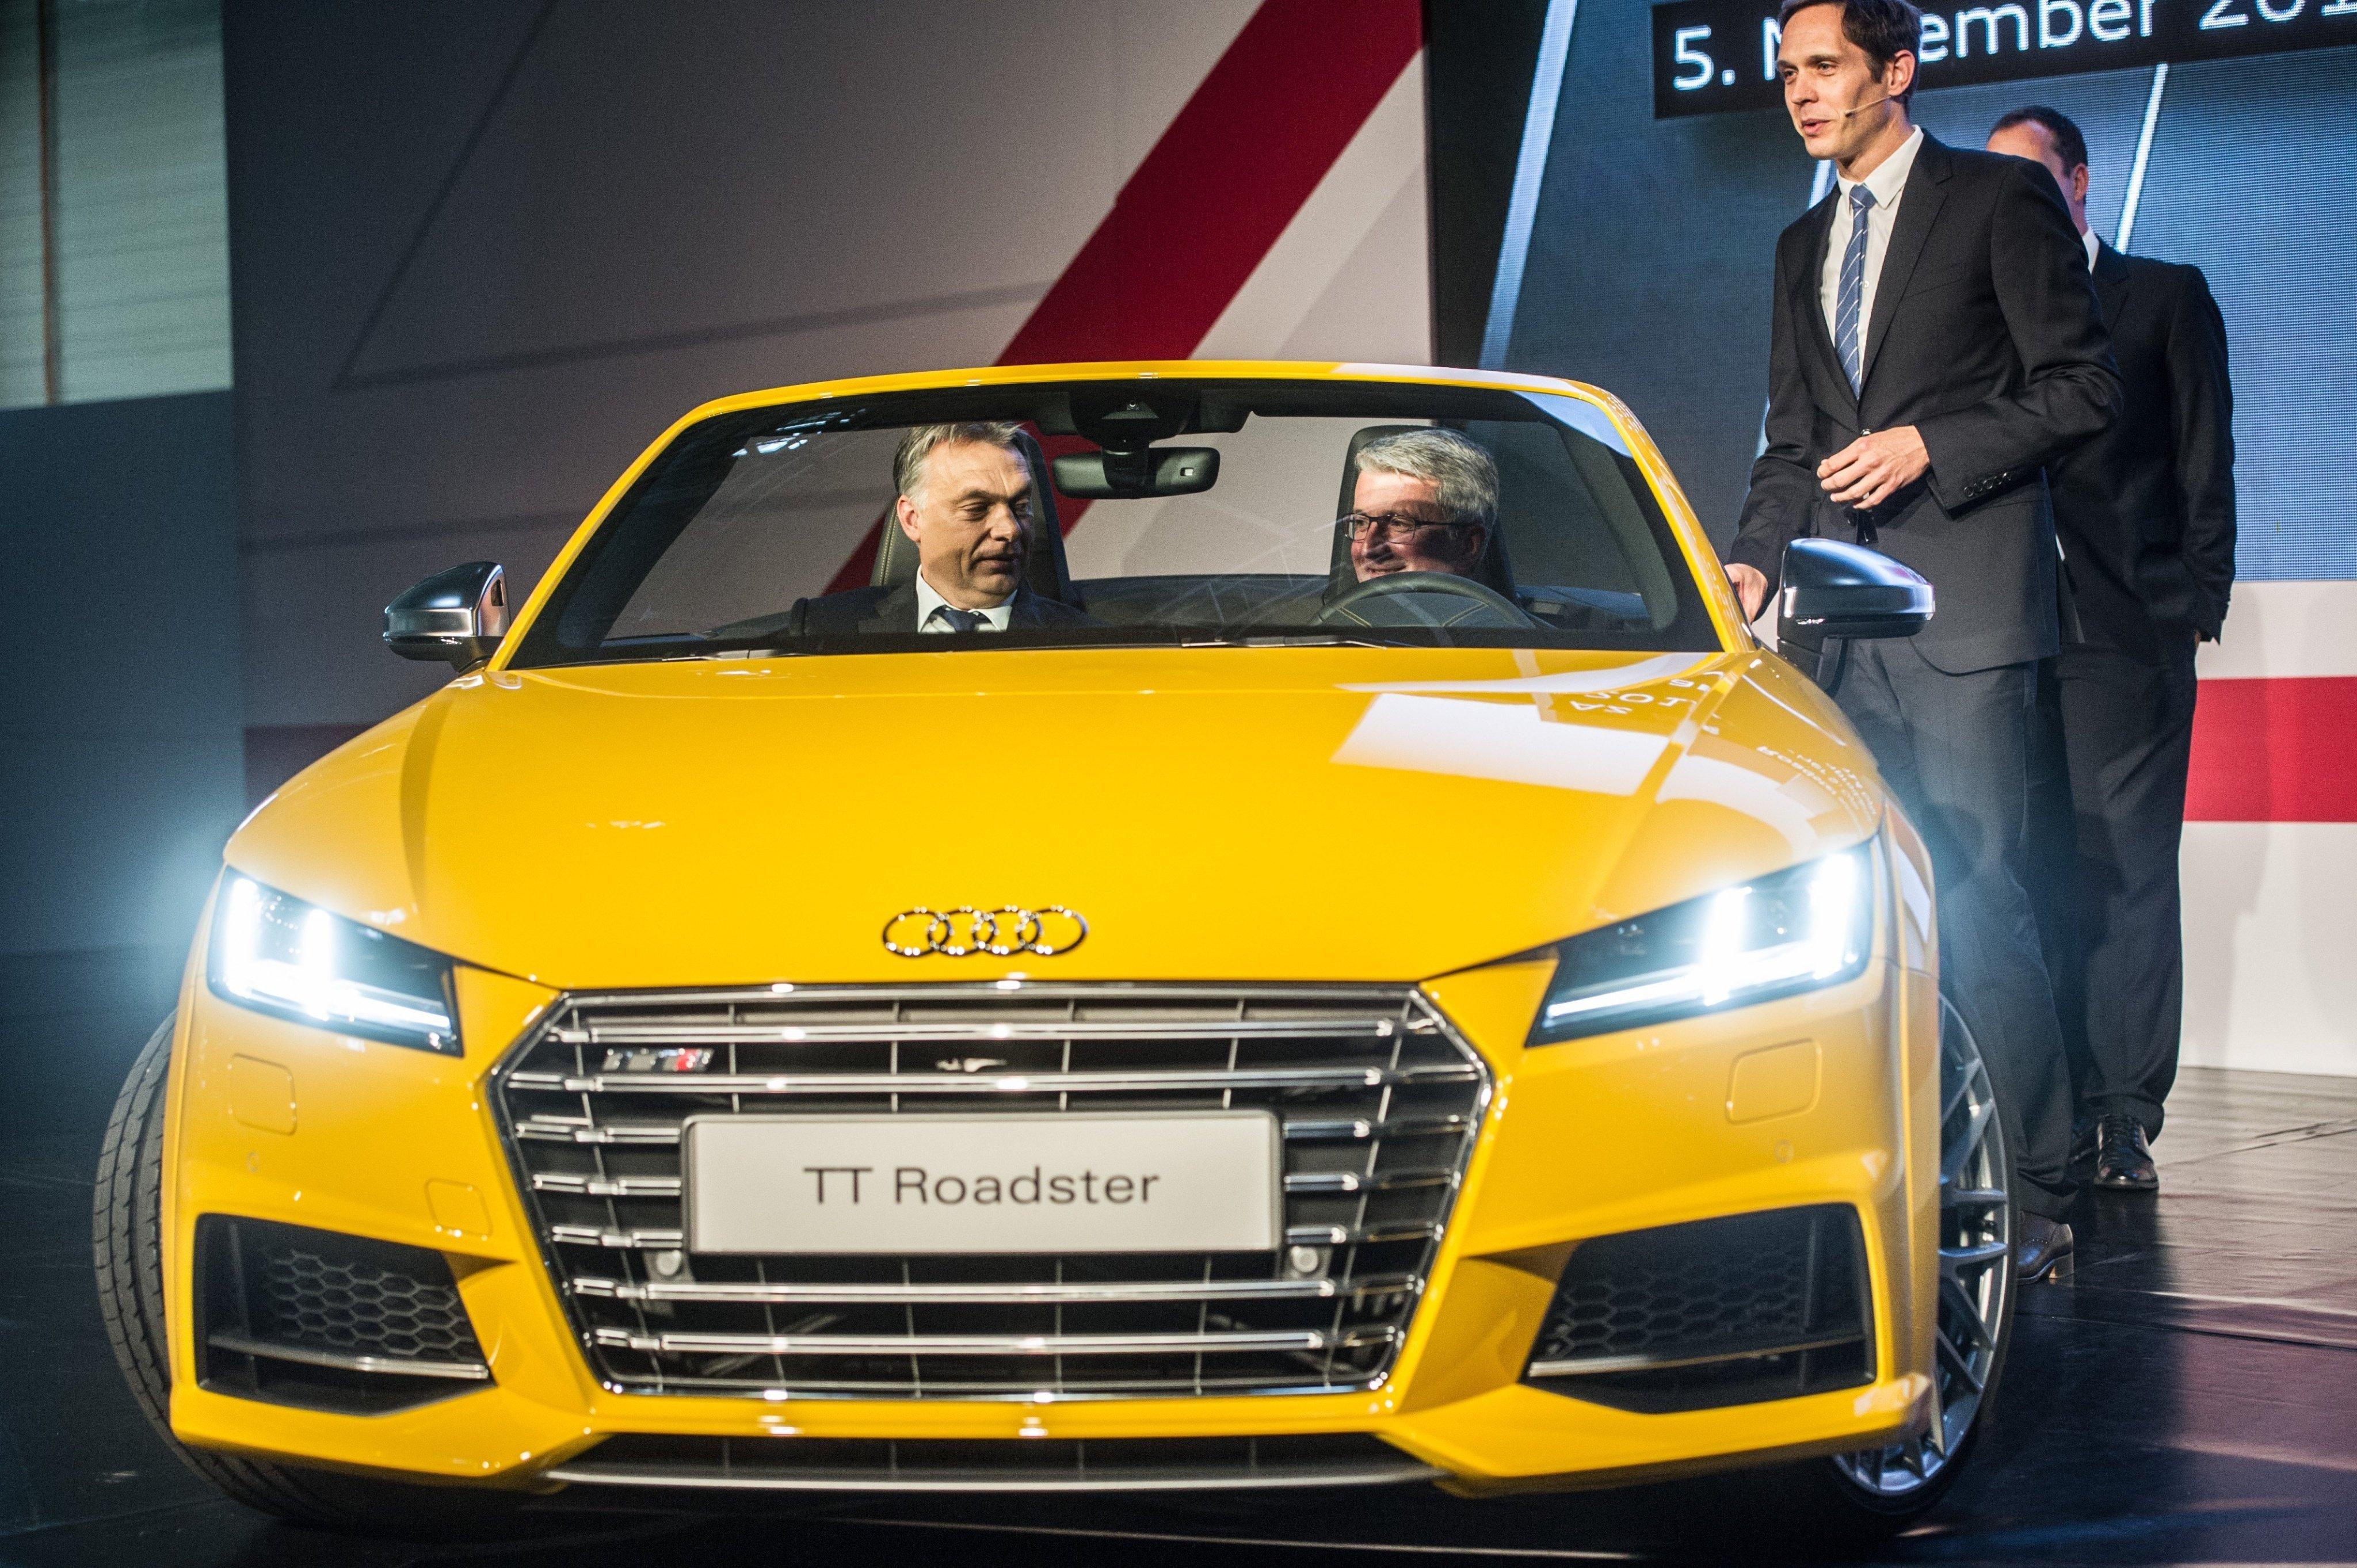 A Mercedes után az Audi is kénytelen csökkenteni a magyarországi termelését